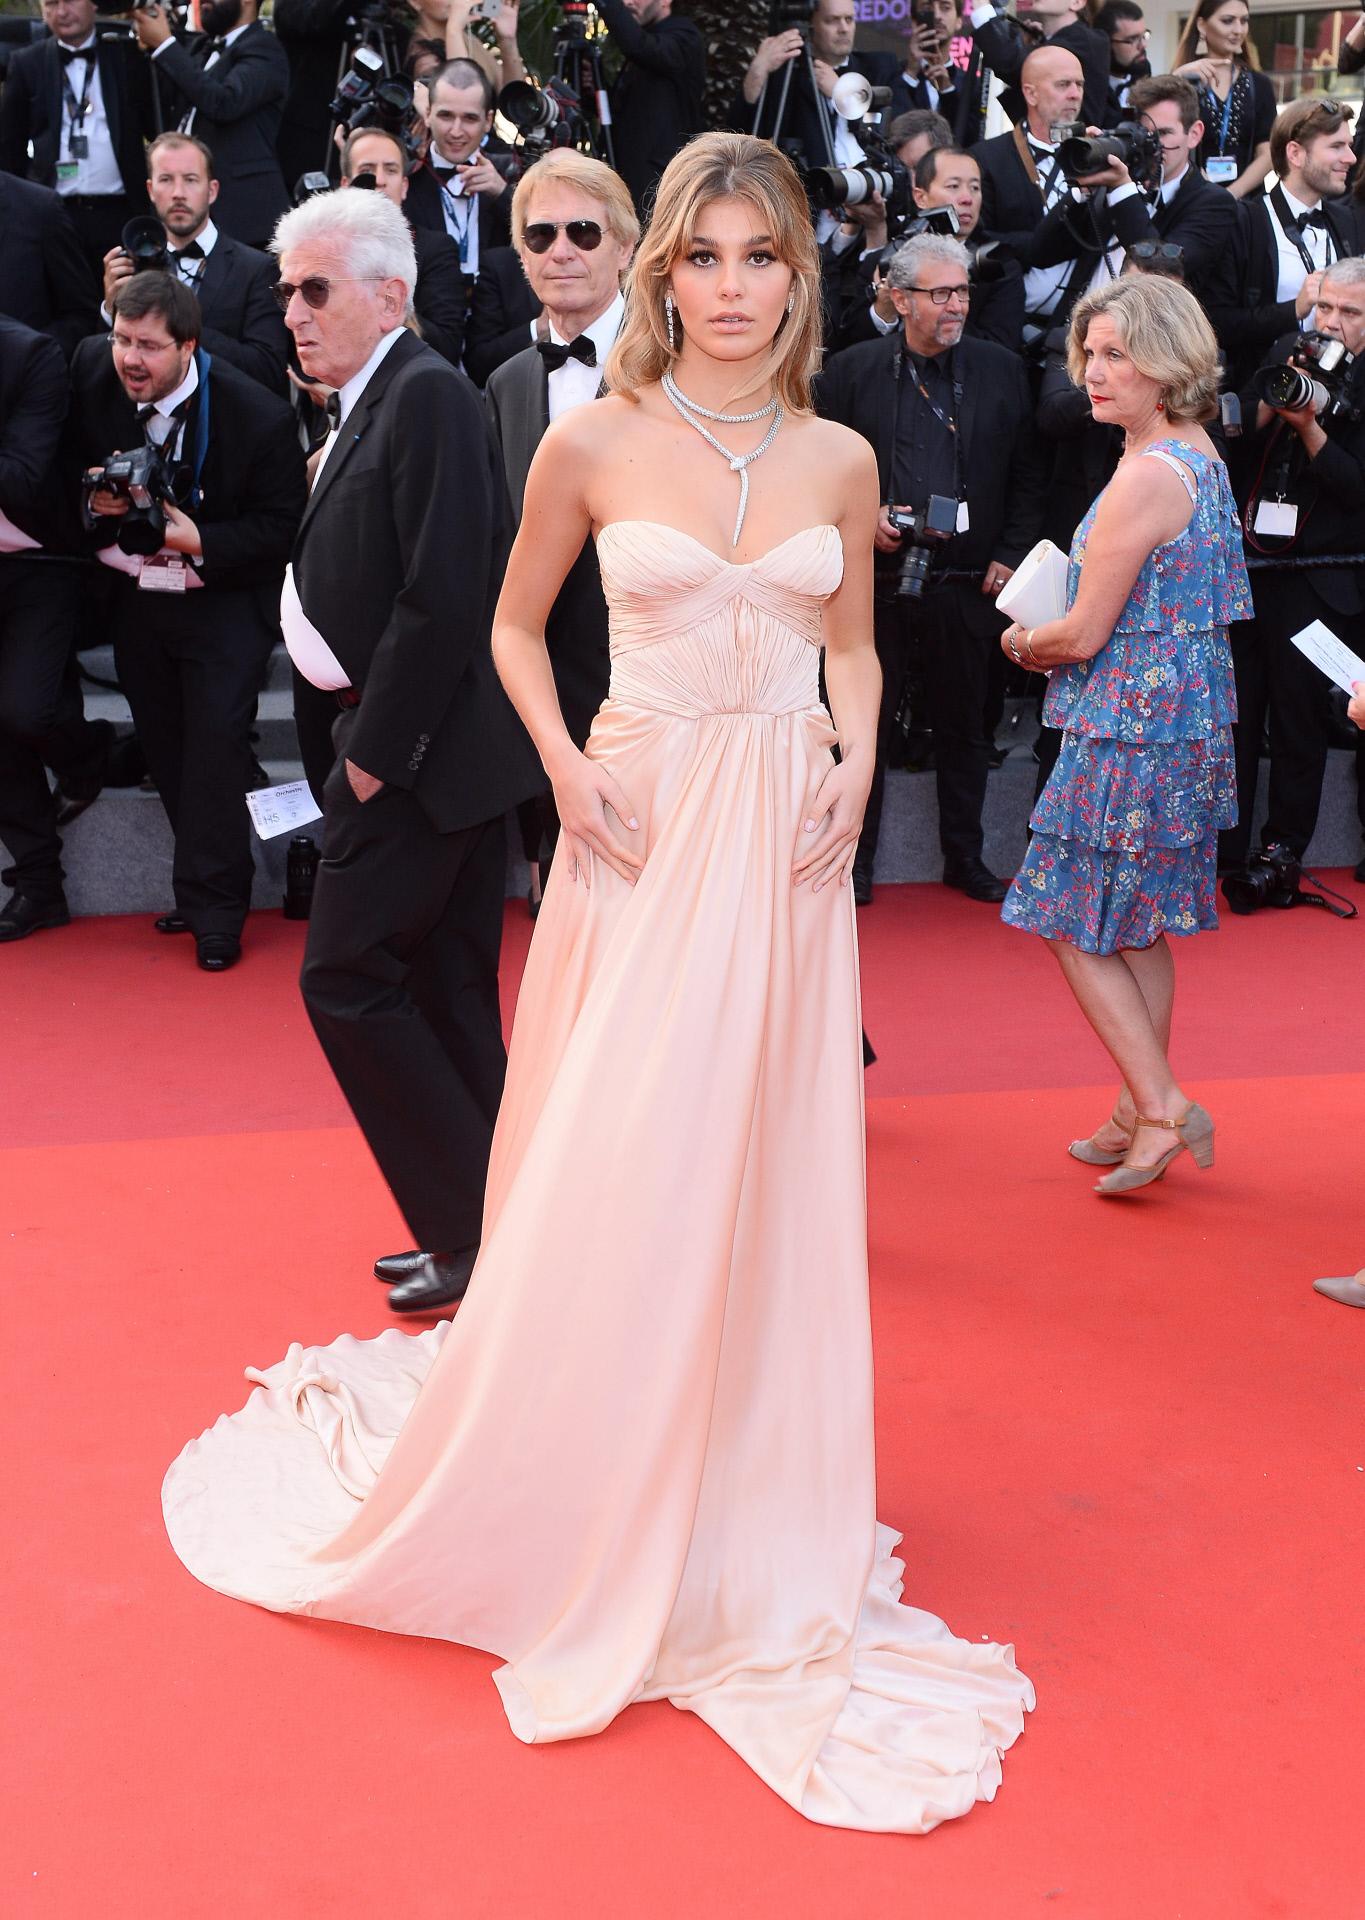 camila, espectacular en la alfombra roja del festival de Cannes de...